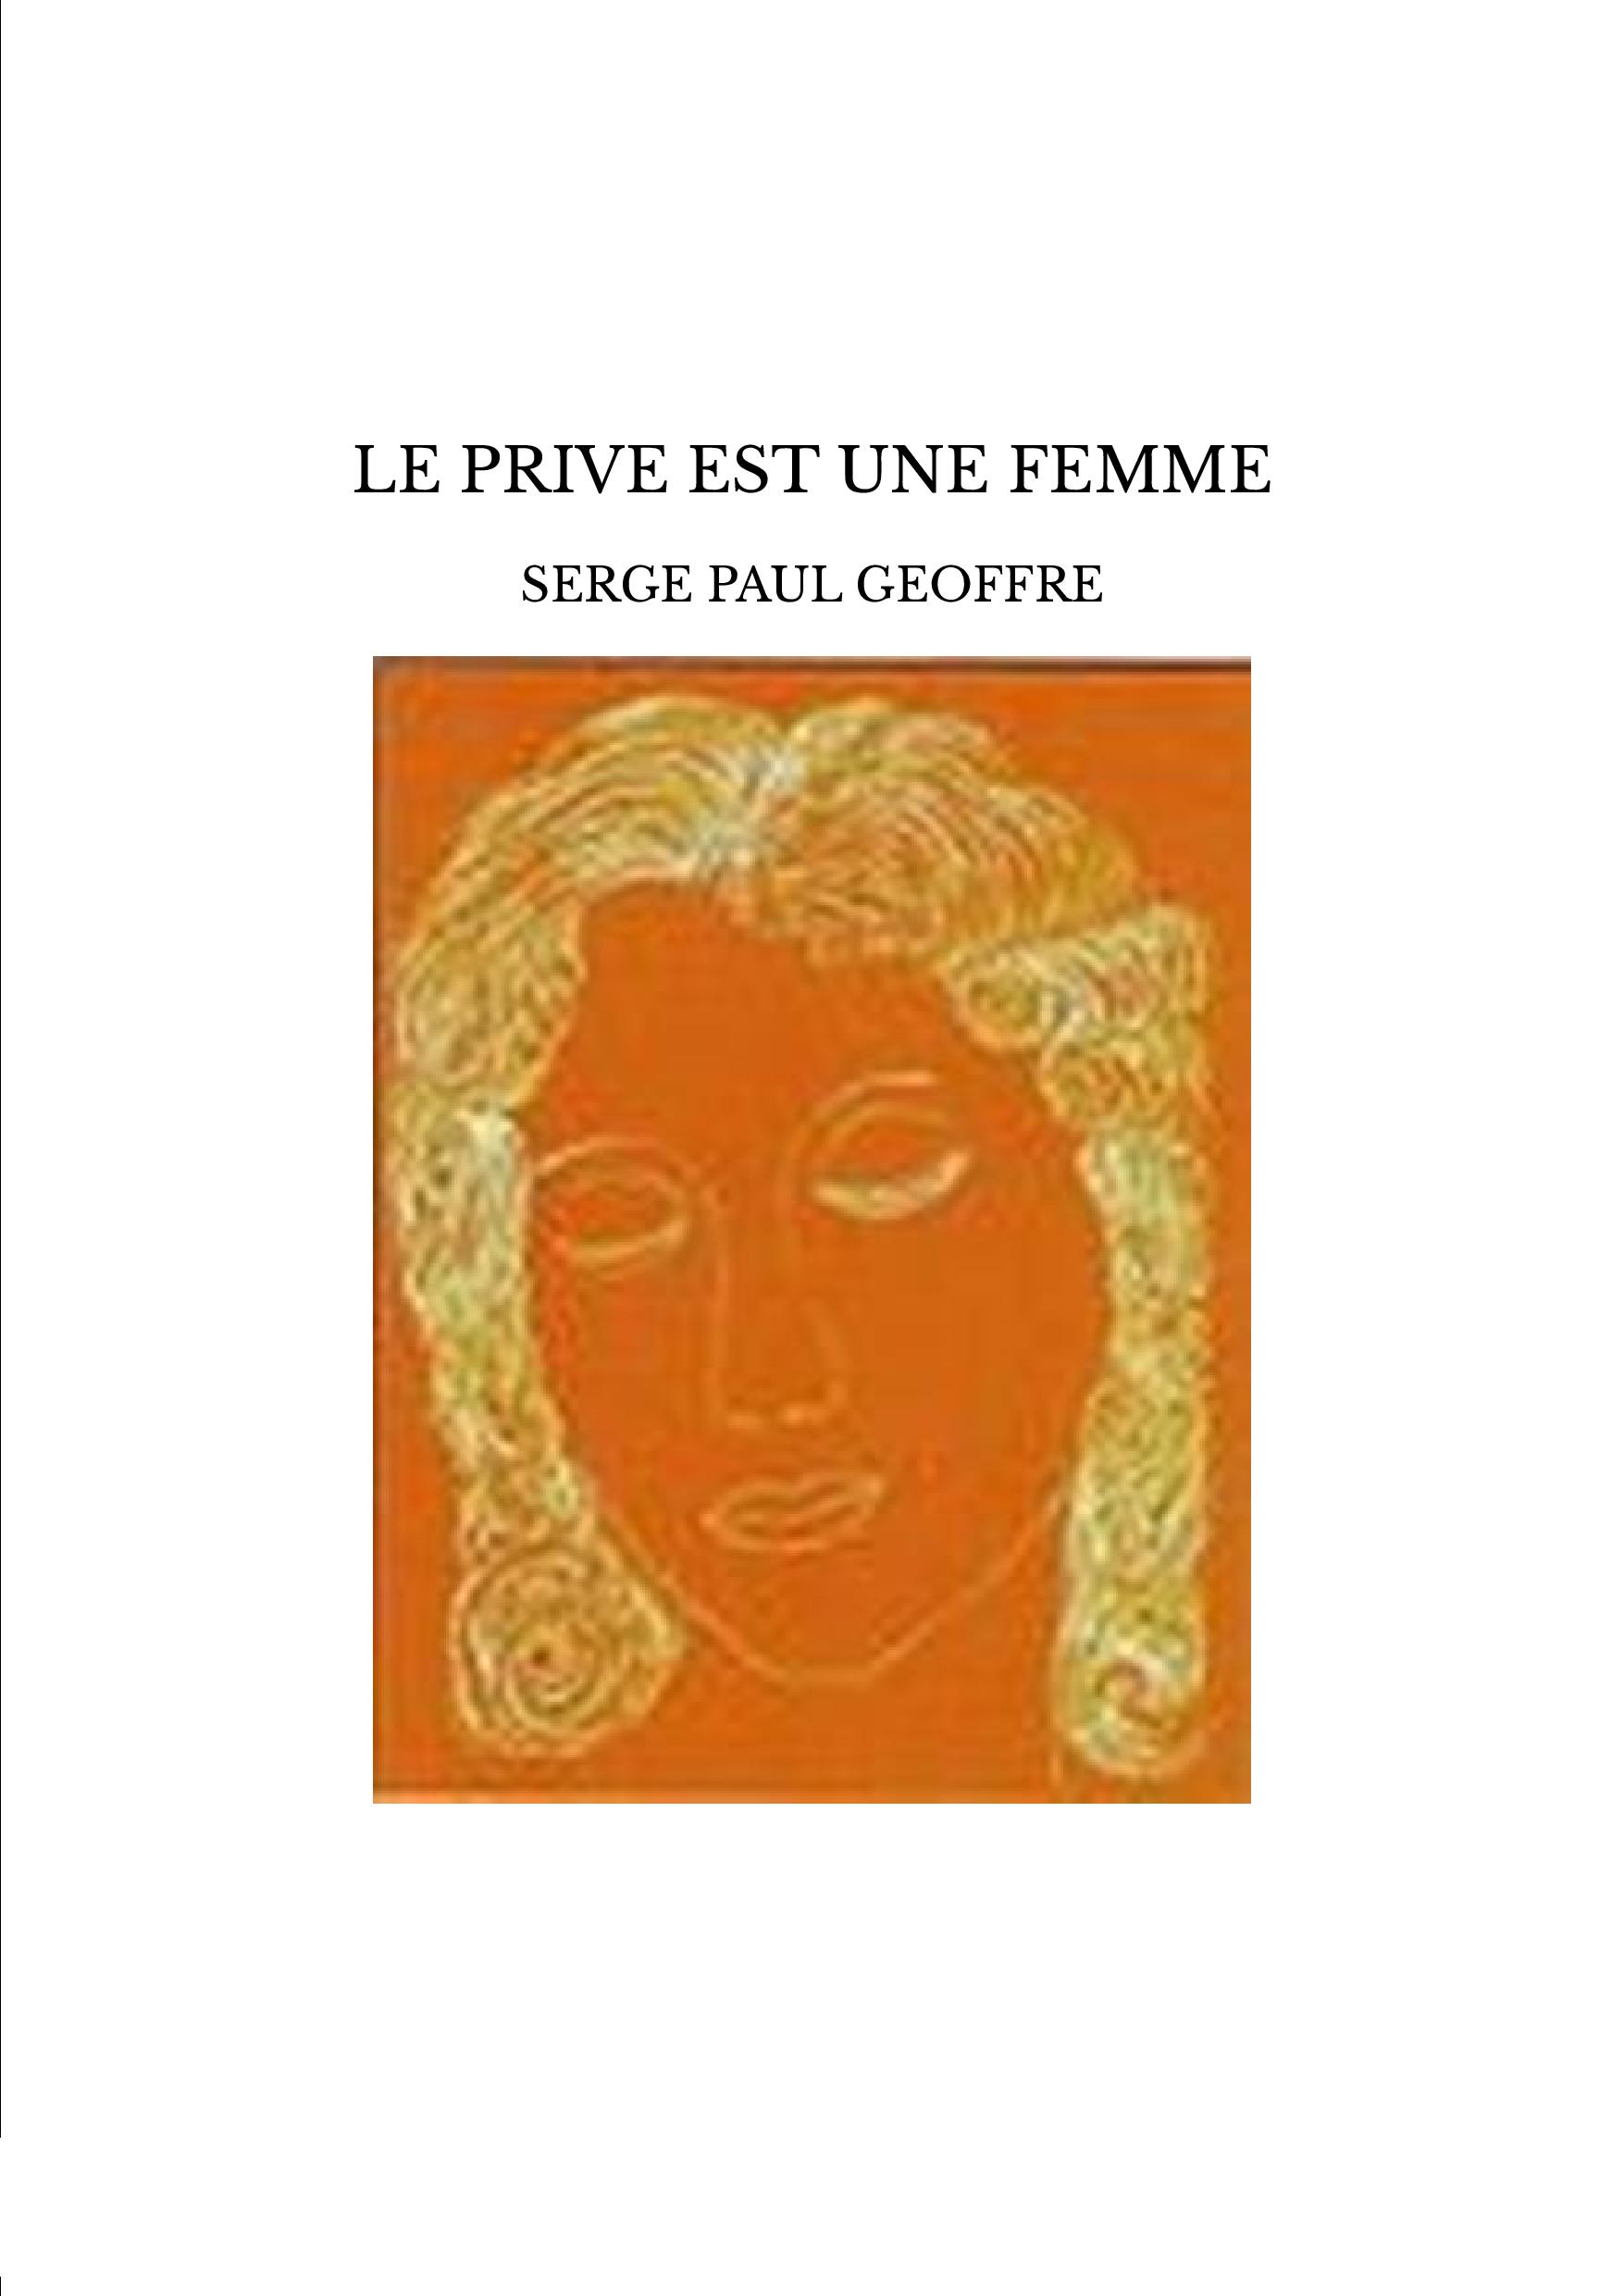 LE PRIVE EST UNE FEMME